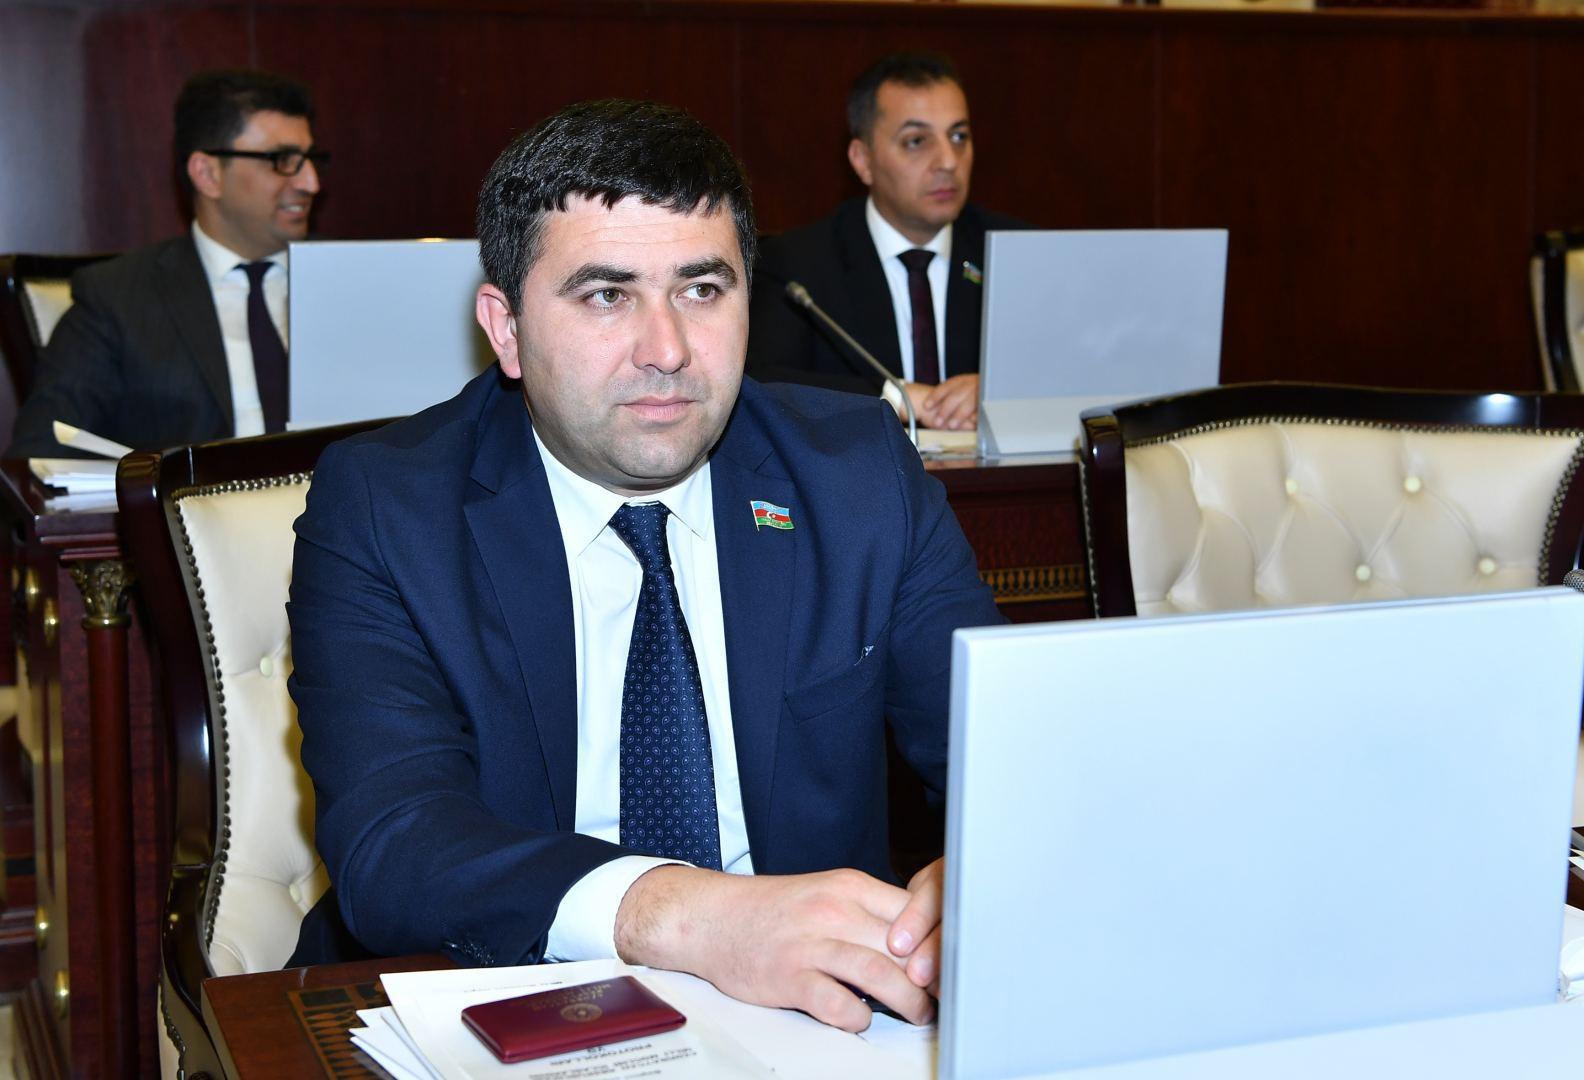 Müşfiq Cəfərov